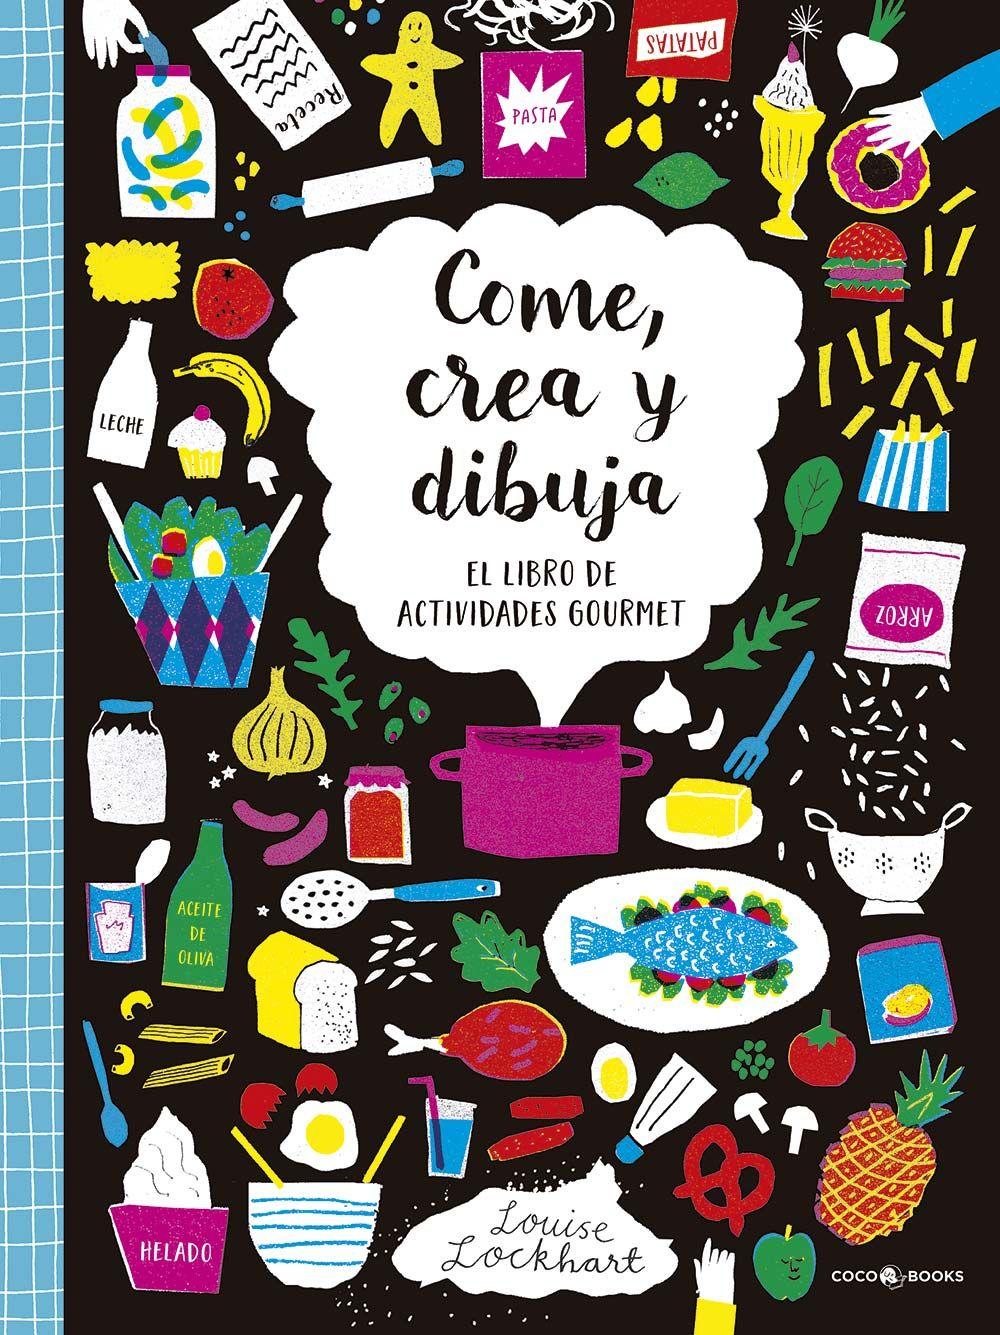 Libros de cocina: Come, crea y dibuja